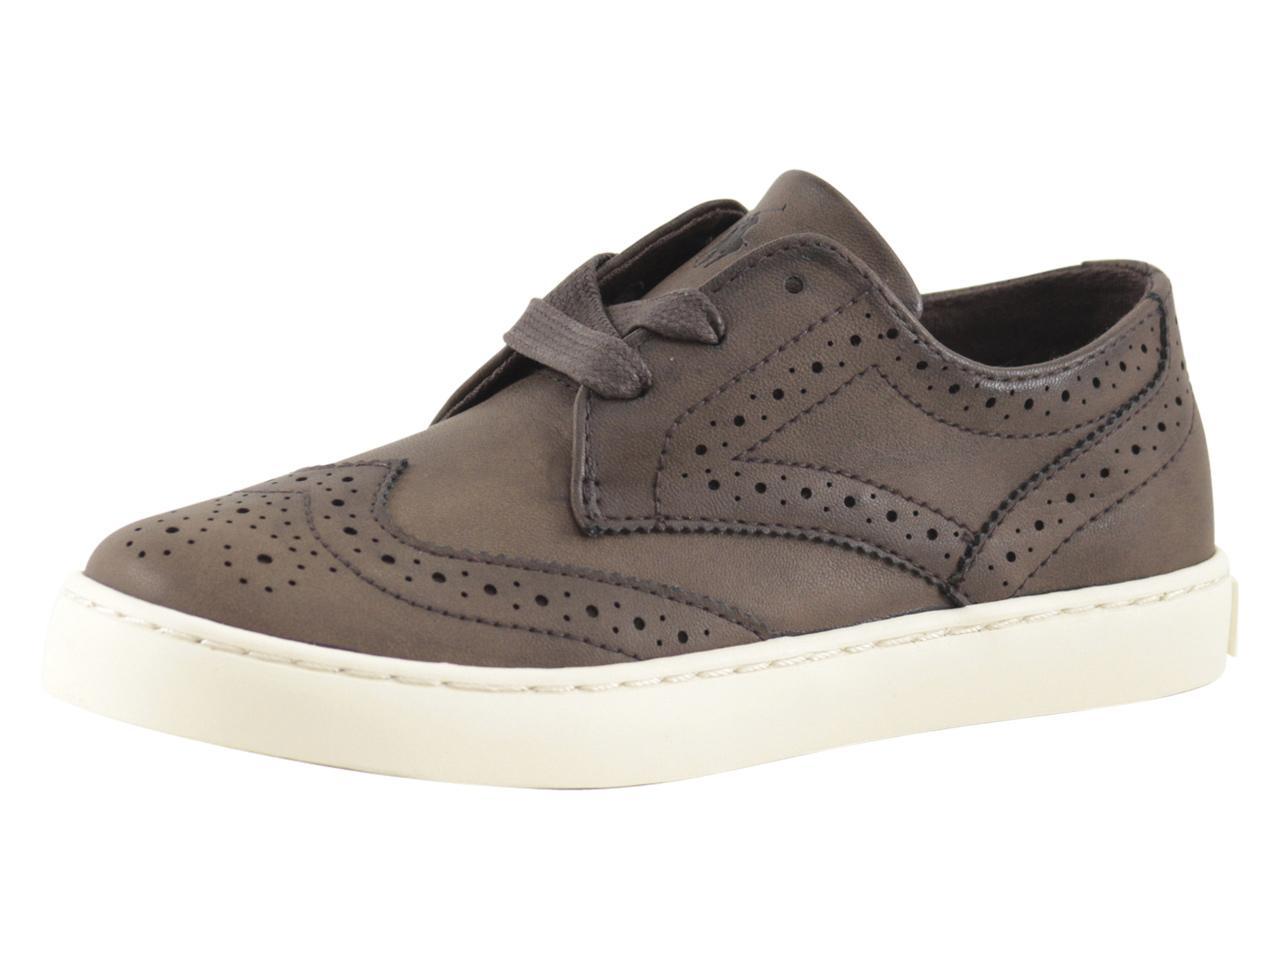 Lauren Shoes Polo Ralph Little Boy's Sneakers Oxford Wingtip Alek ZikPlOTwXu